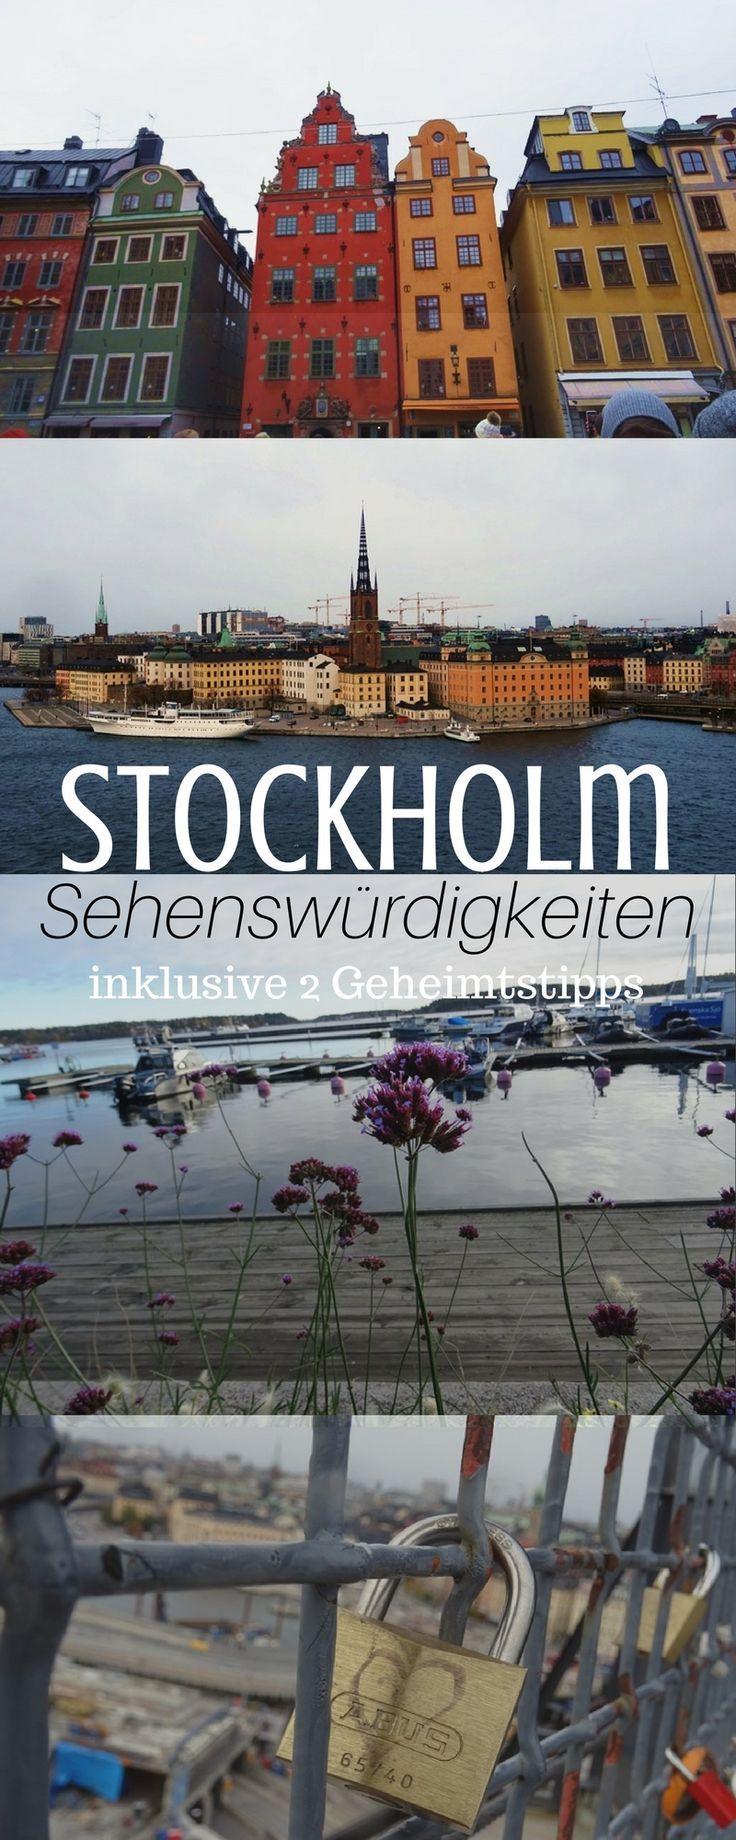 reisetipps stockholm inklusive geheimtipps urlaub pinterest reisen stockholm und. Black Bedroom Furniture Sets. Home Design Ideas